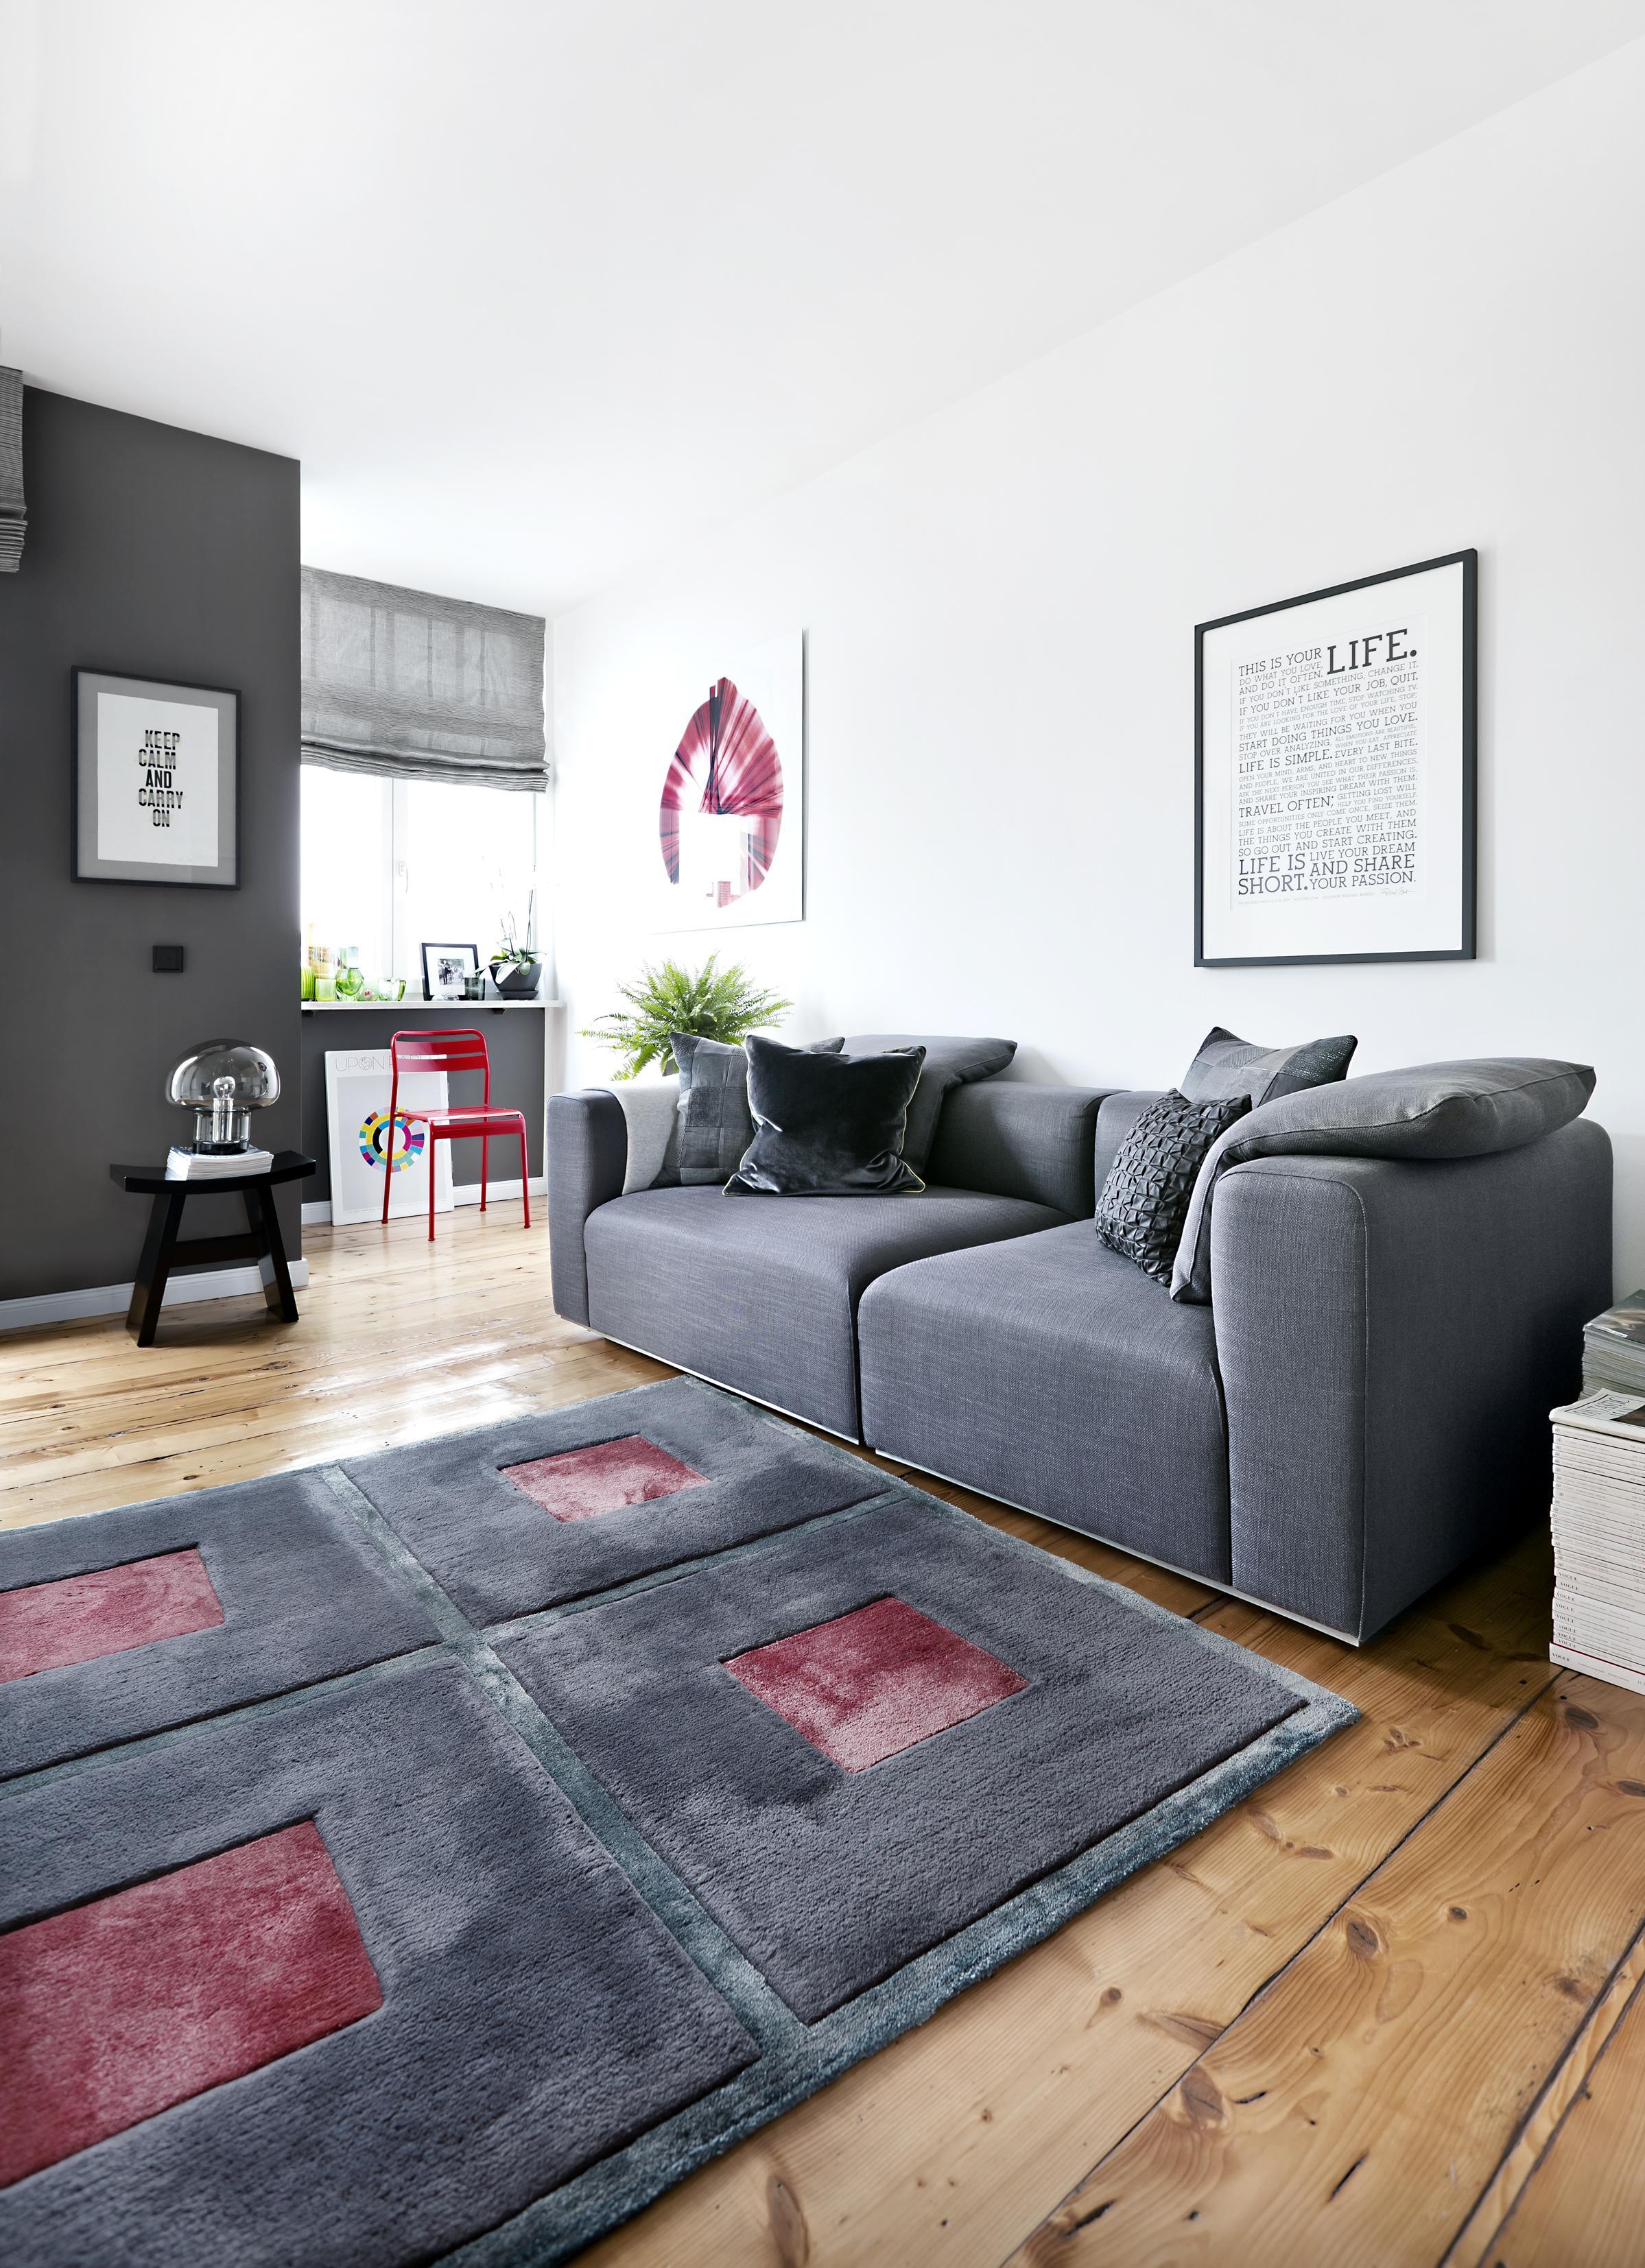 Wohnzimmer Ideen Graue Couch Wohnzimmer Deko Grau Elegant Graue Couch Dekorieren Temobardz Home Blog Tolles Wohnzimmer Ideen